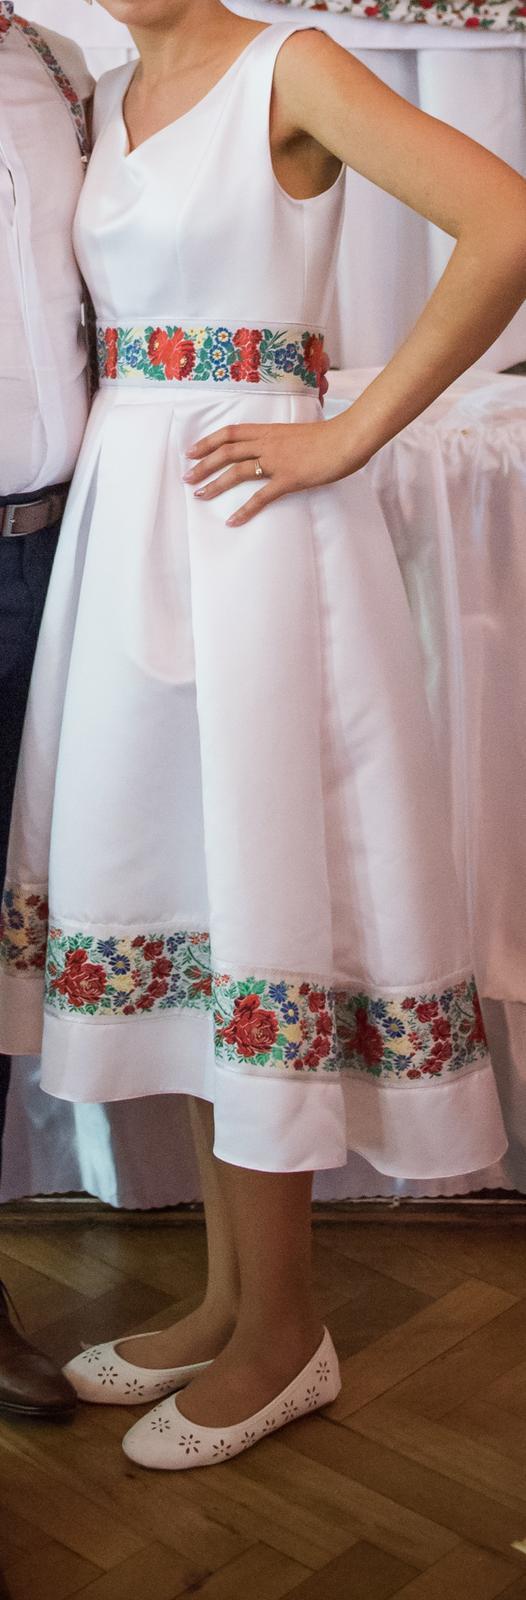 Svadobné alebo popolnočné jedinečné folklór šaty  - Obrázok č. 1